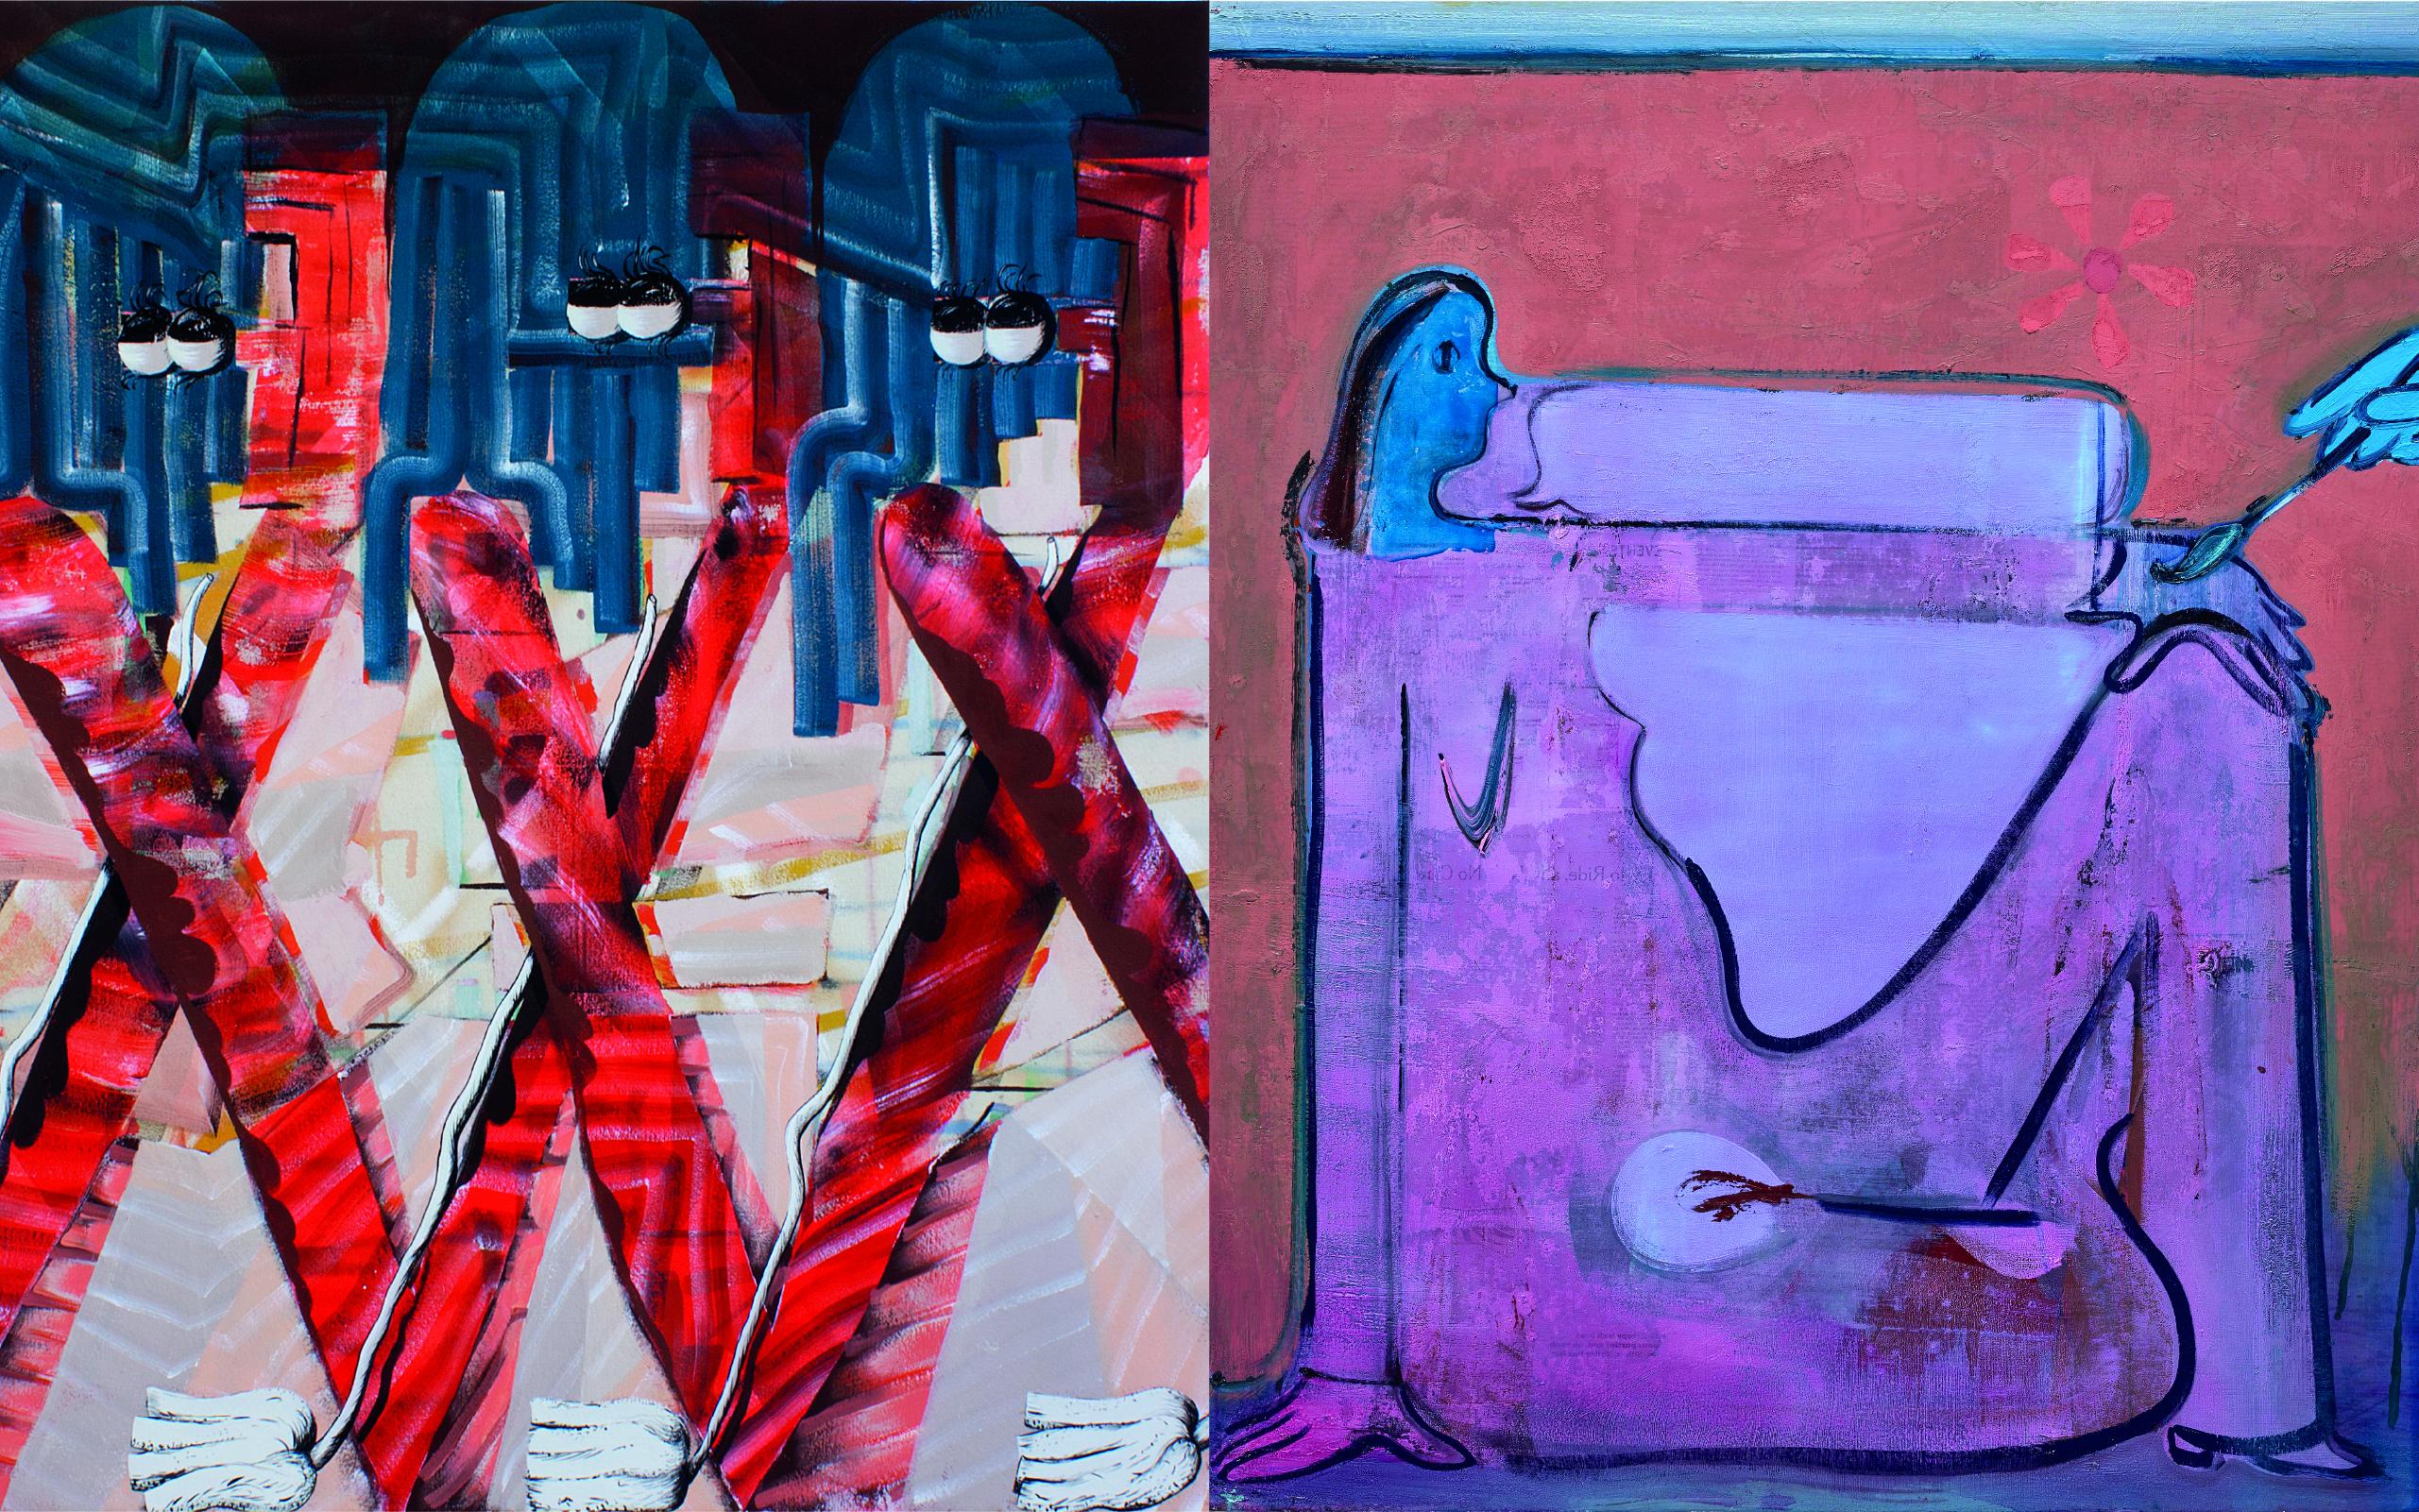 La Razón: 'El arte neoyorkino se instala en el centro de la capital'